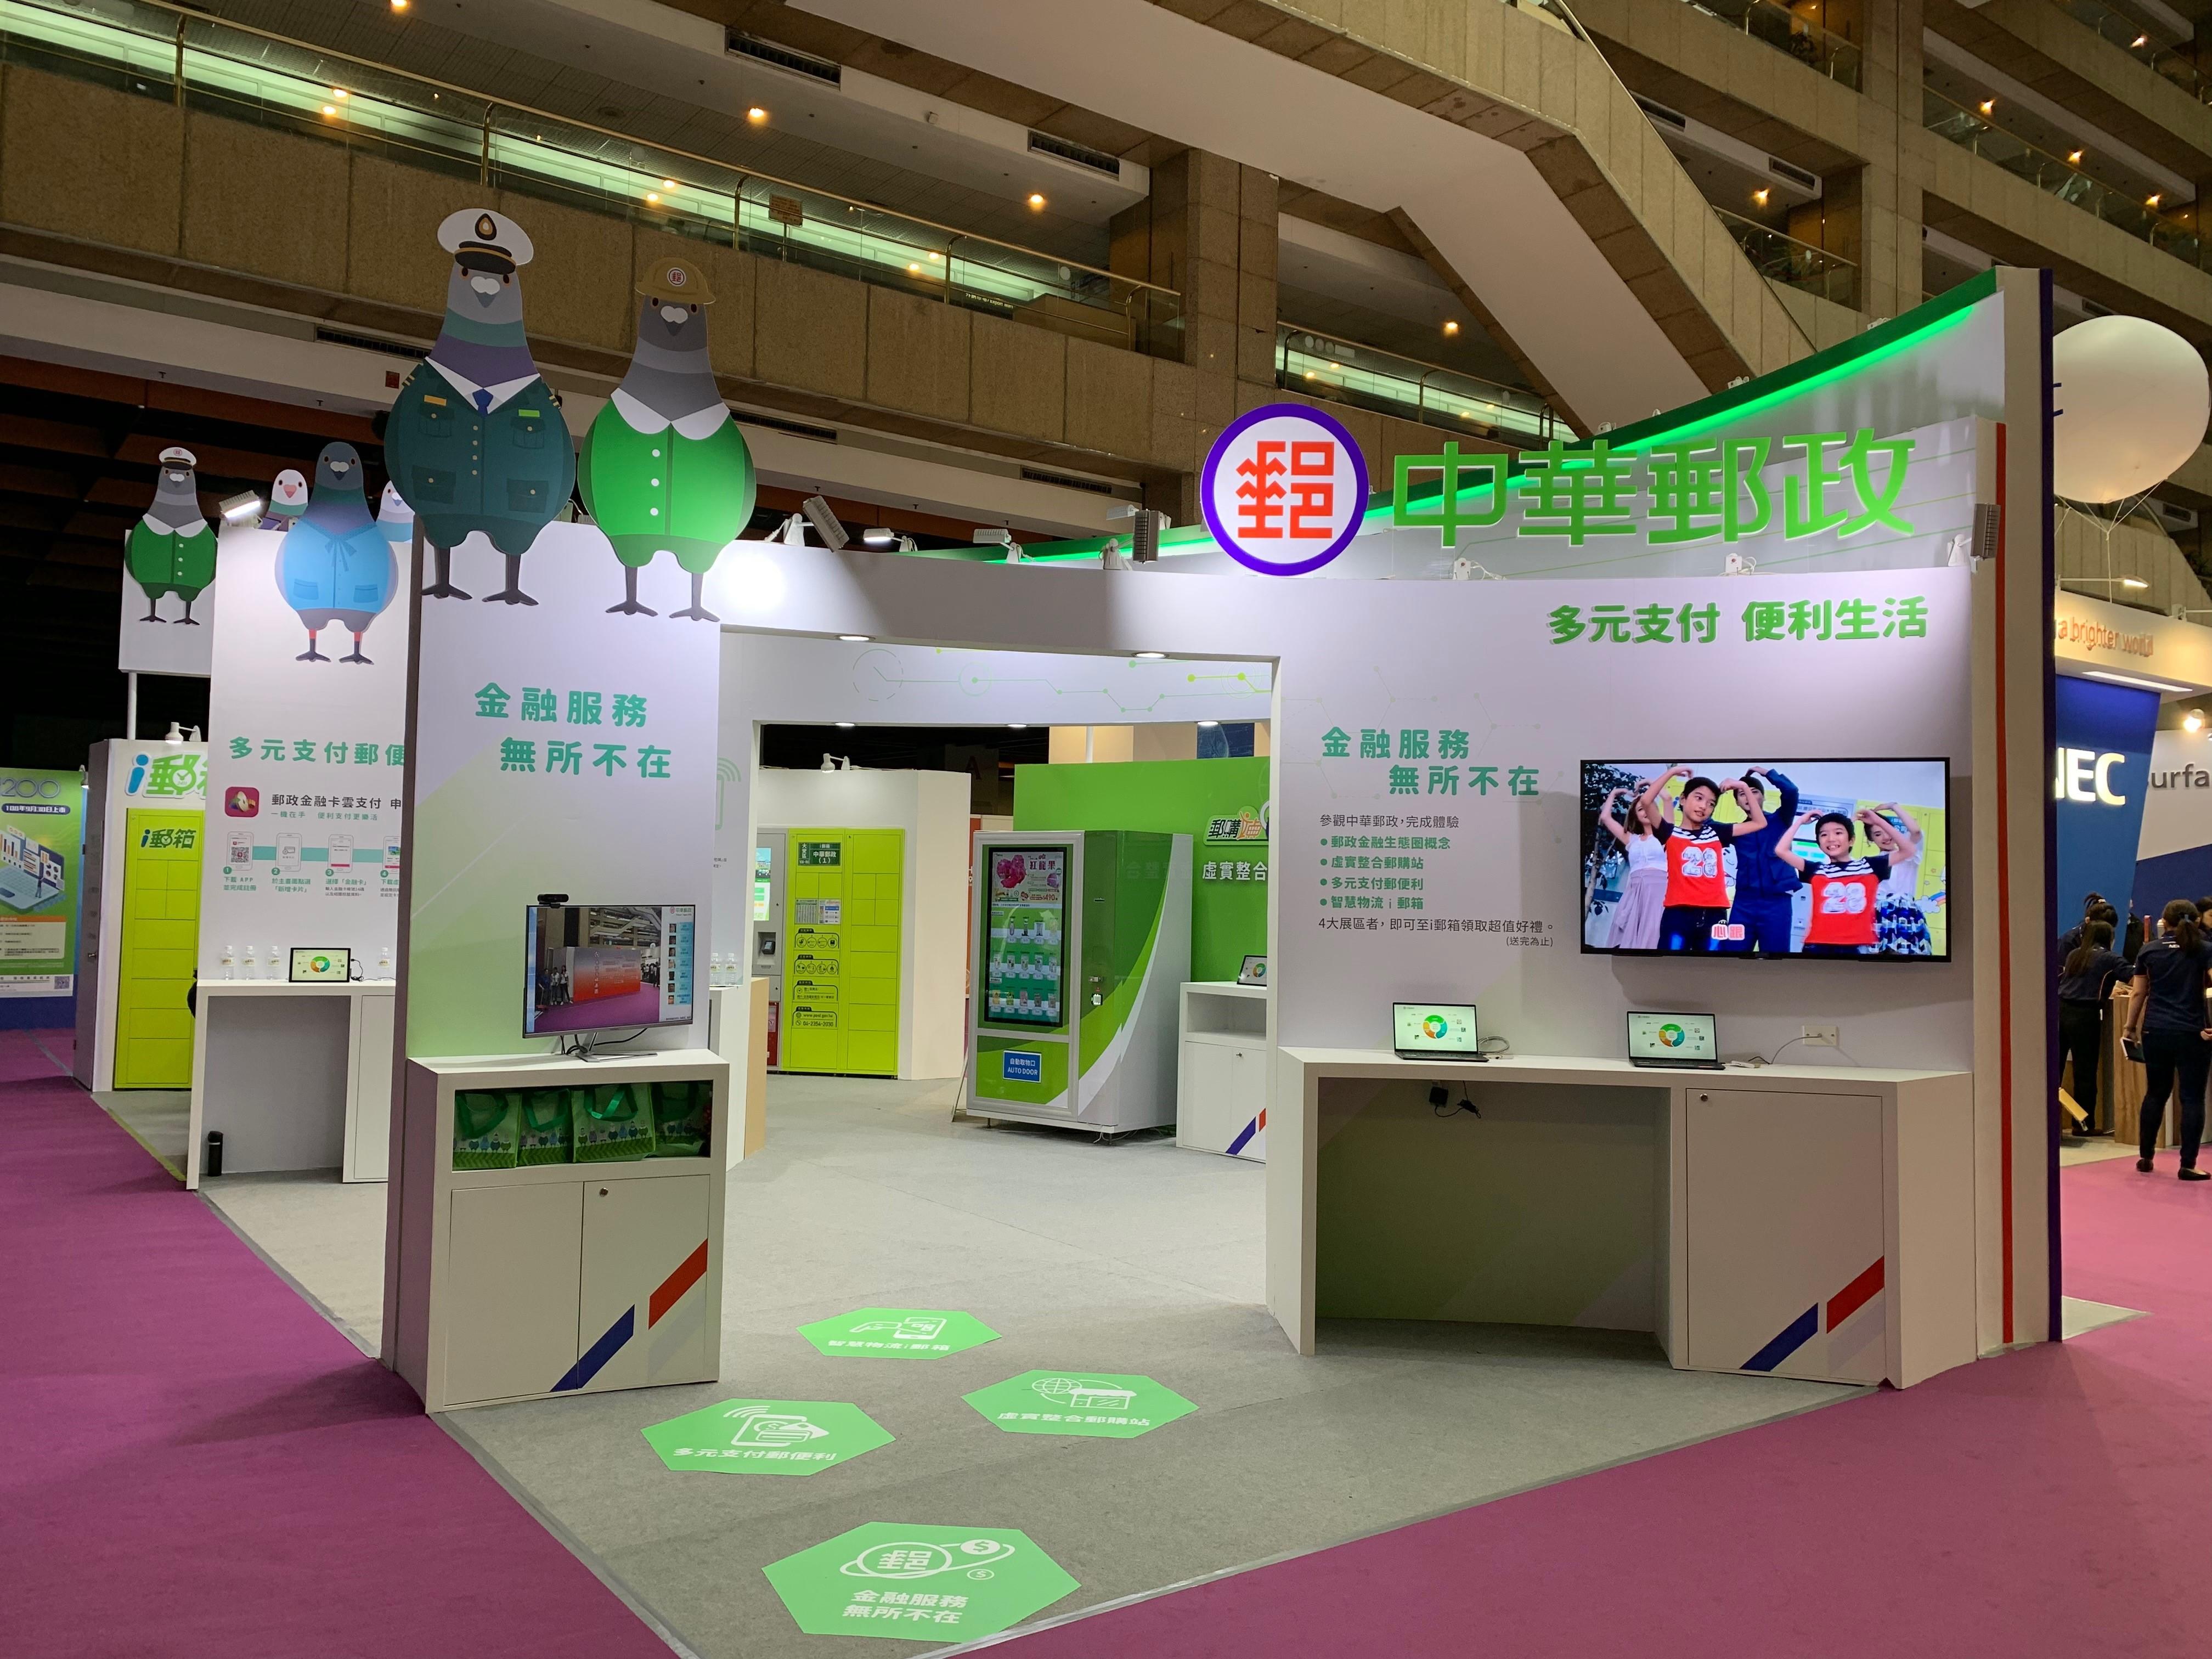 2019台北金融科技展郵政專館,邀請民眾體驗郵政數位服務連結日常生活的便利性